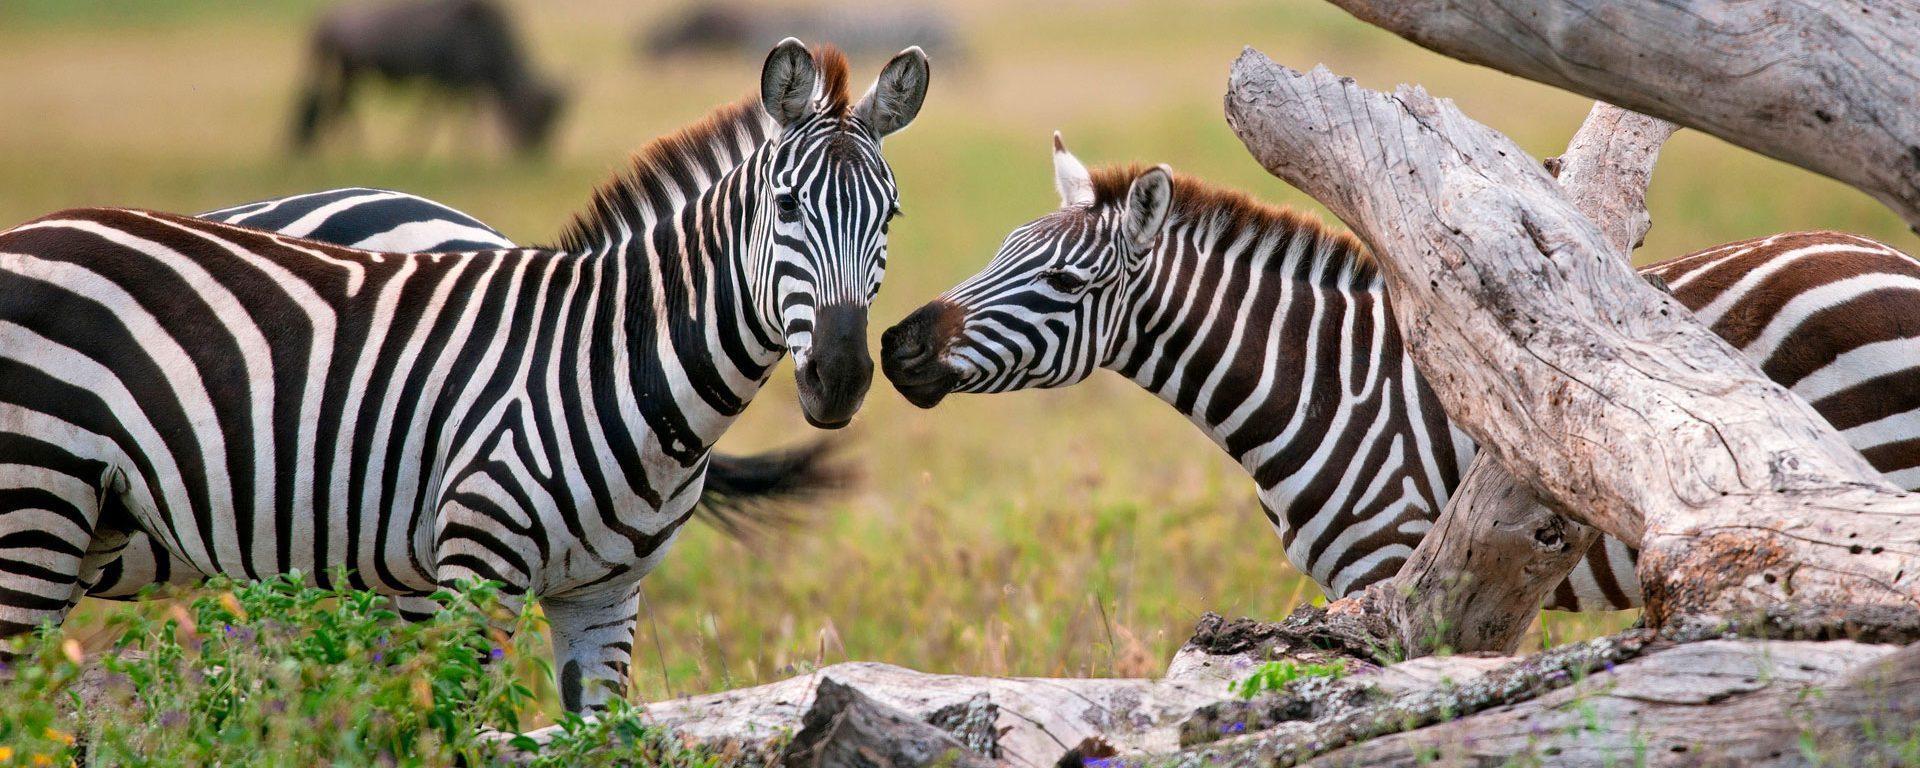 Pair of zebras in the Serengeti, Tanzania